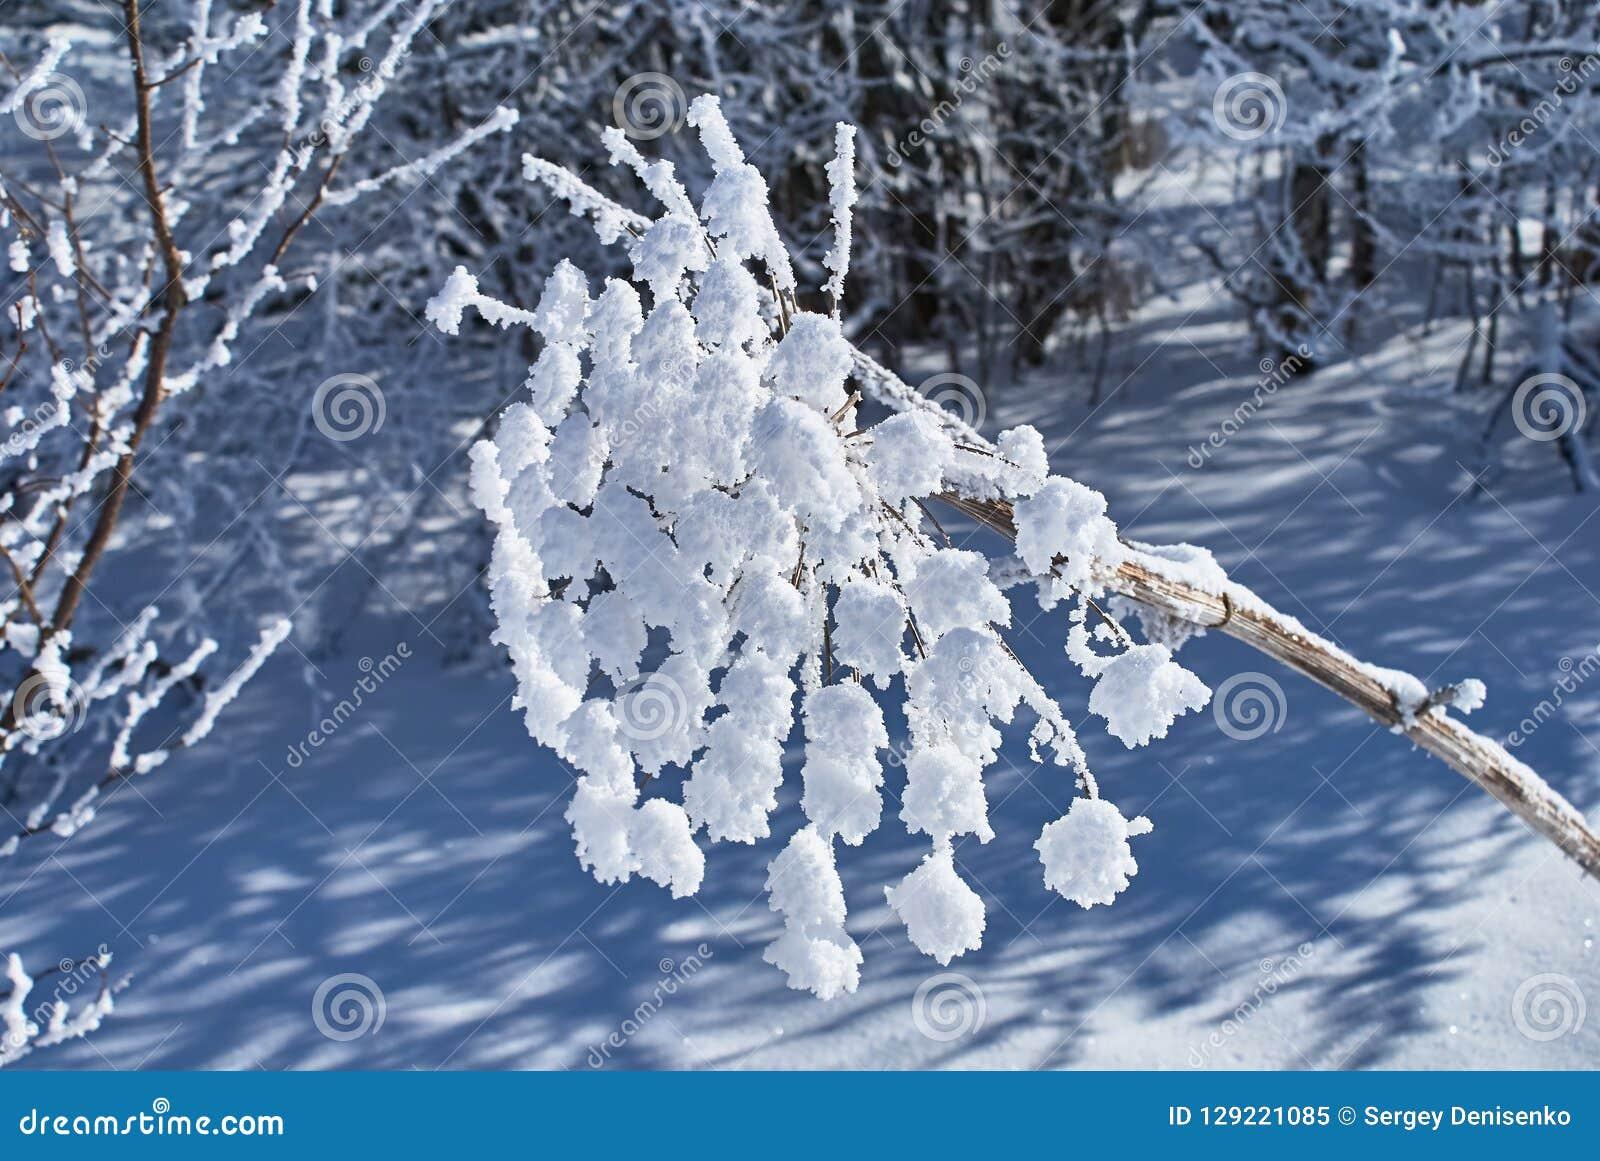 在前景的冬天森林积雪的干花 Lago-Naki,主要白种人里奇,俄罗斯